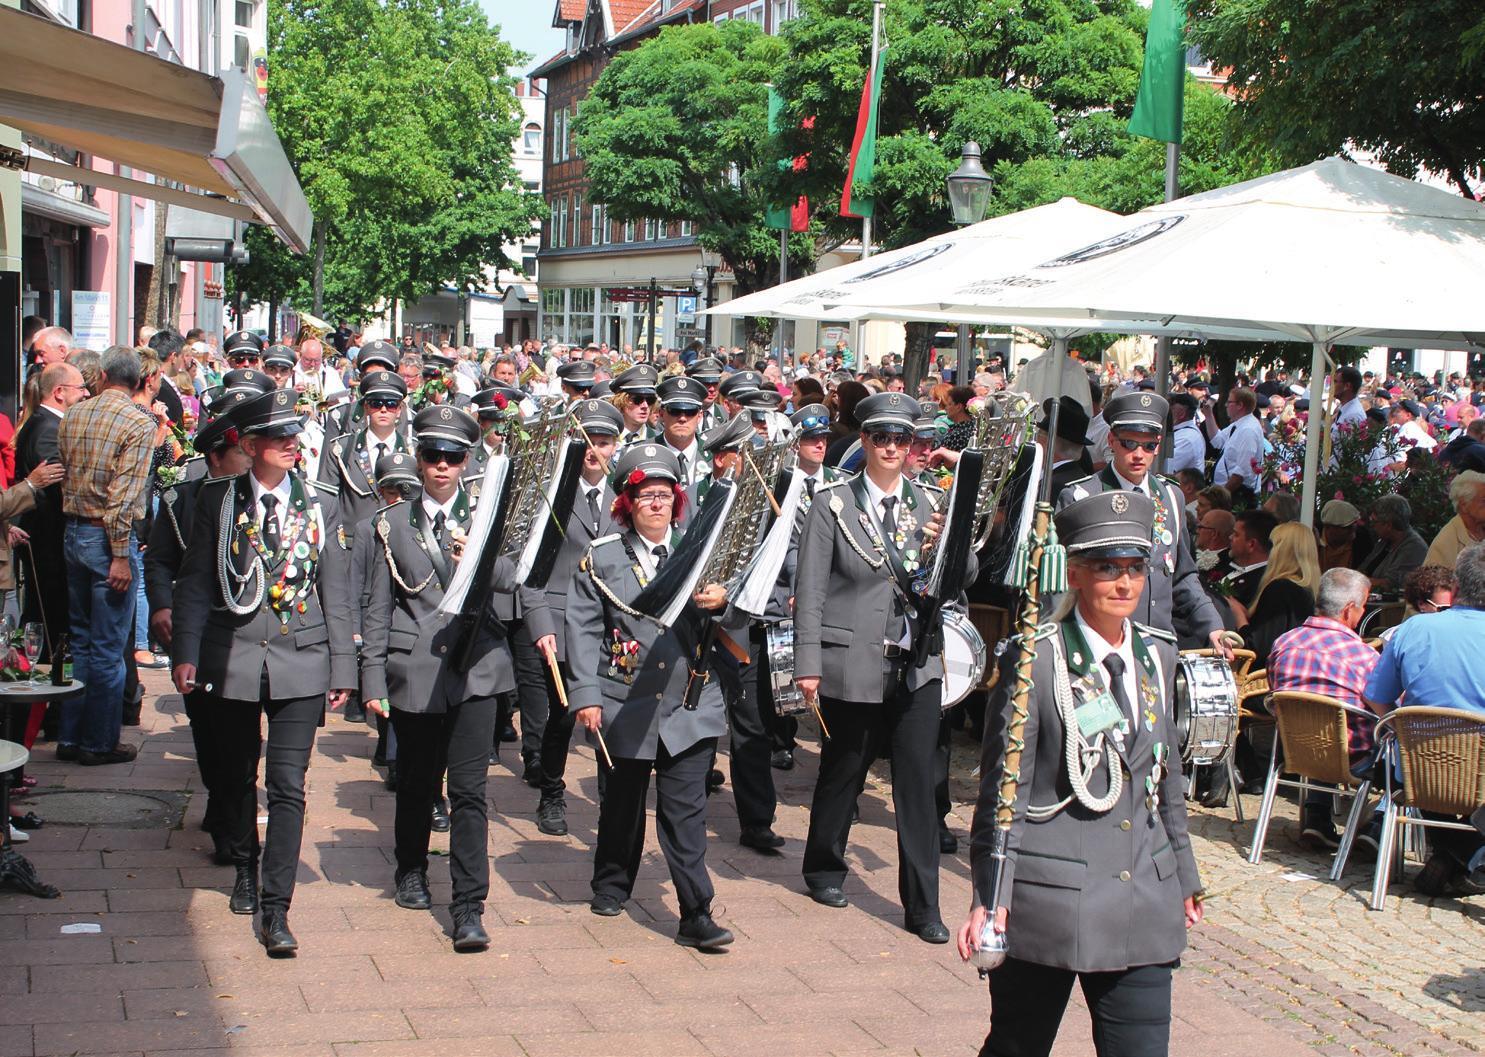 Freischiessen Fotoheft - Juli 2019 - II. Image 20